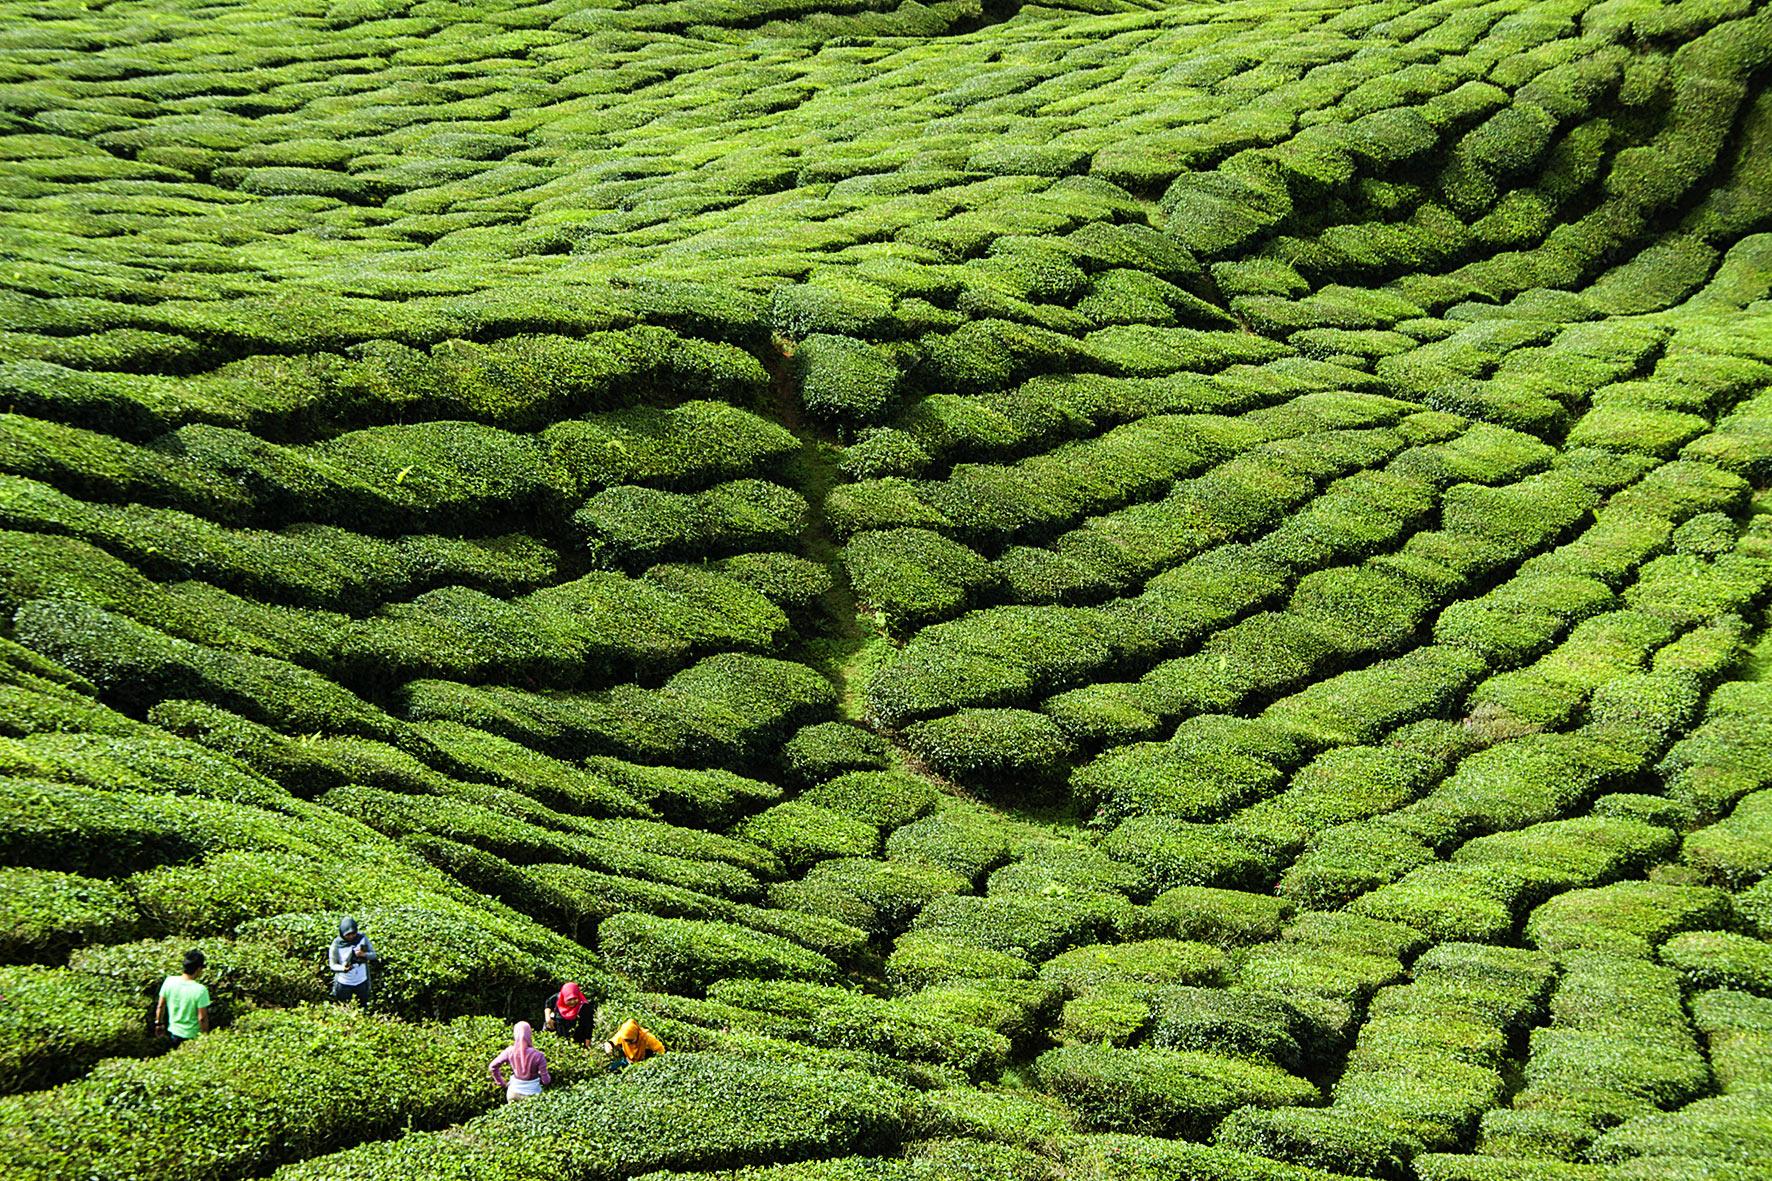 Malaisie, Cameron Highlands. 2012